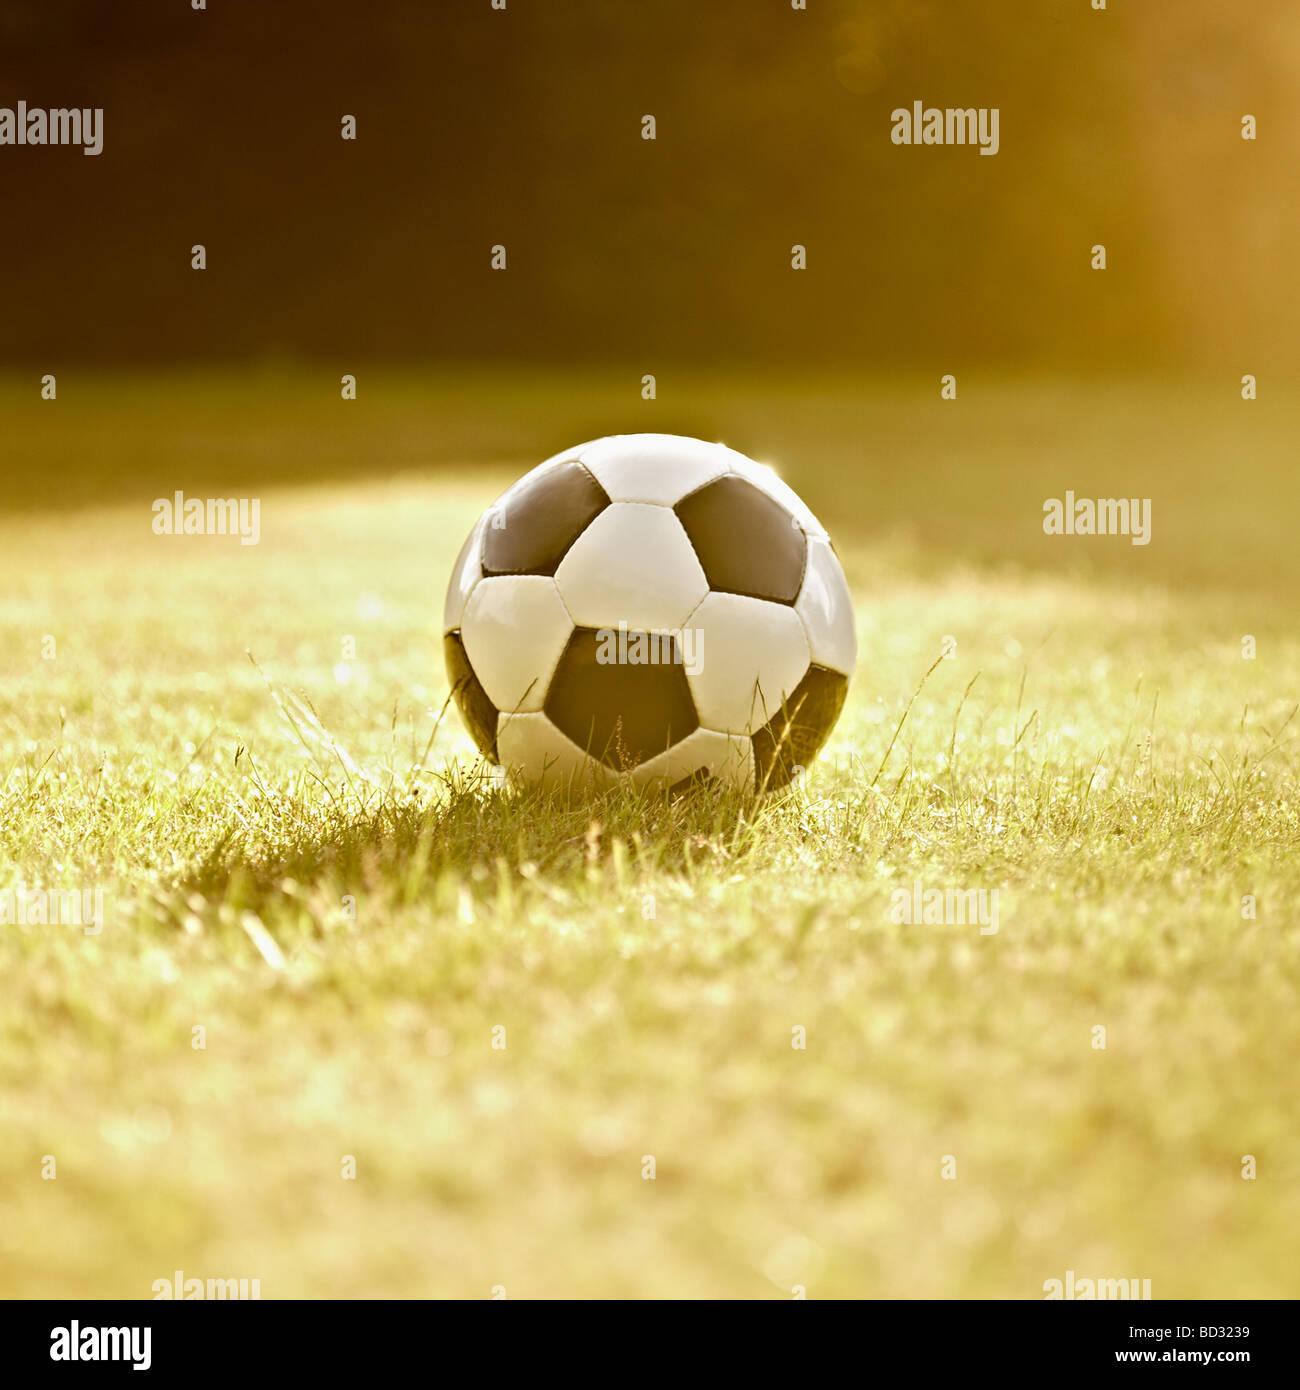 In bianco e nero in pelle generico / calcio pallone da calcio in erba, retro illuminato in sun. Foto Stock